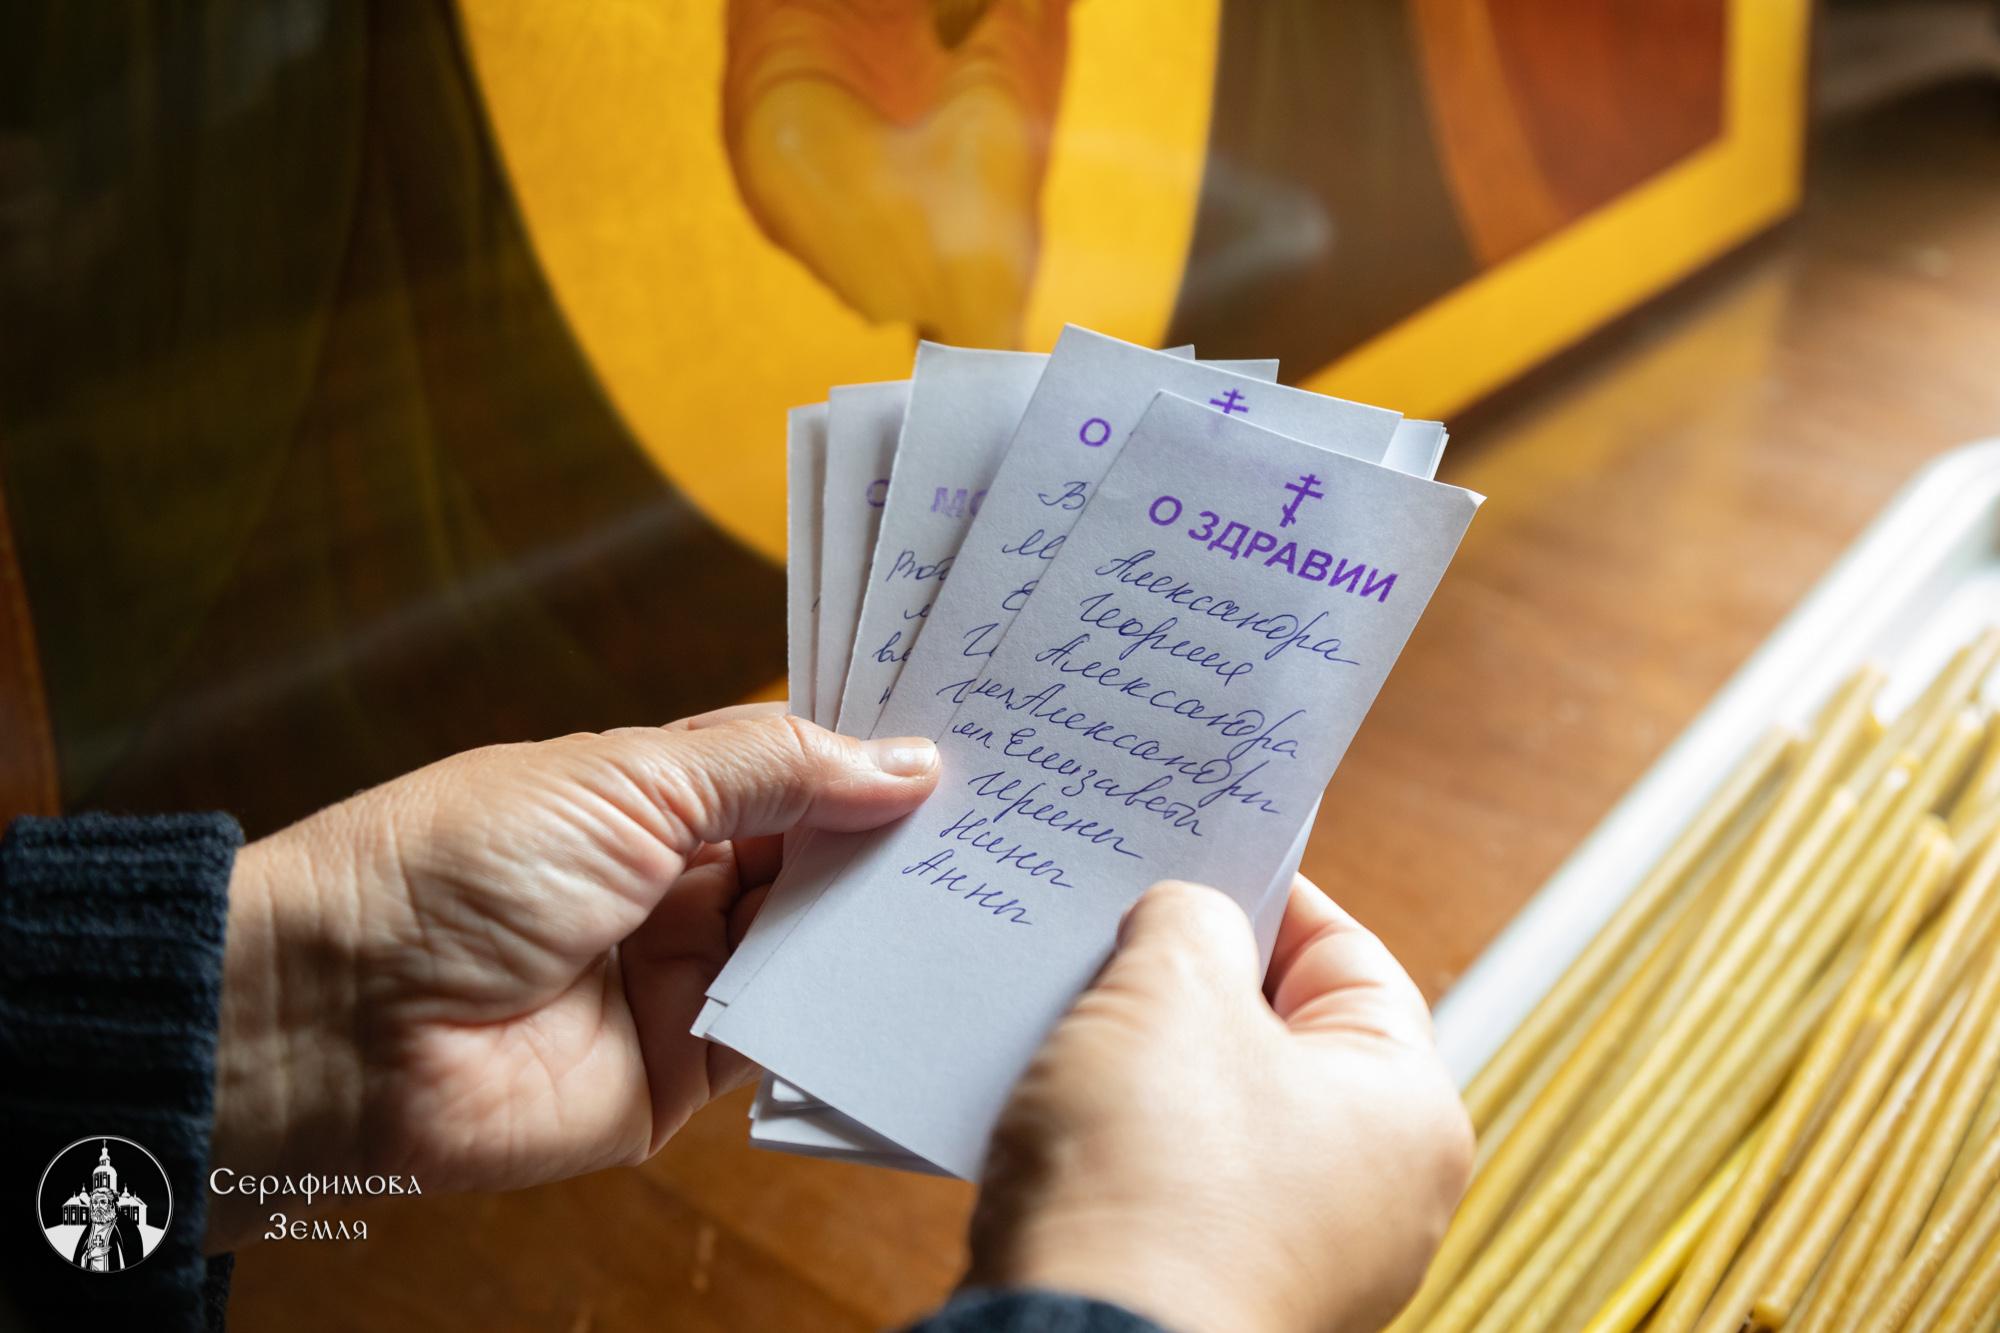 Требы на праздник Покрова Пресвятой Богородицы можно заказать на портале «Серафимова земля» 12 октября